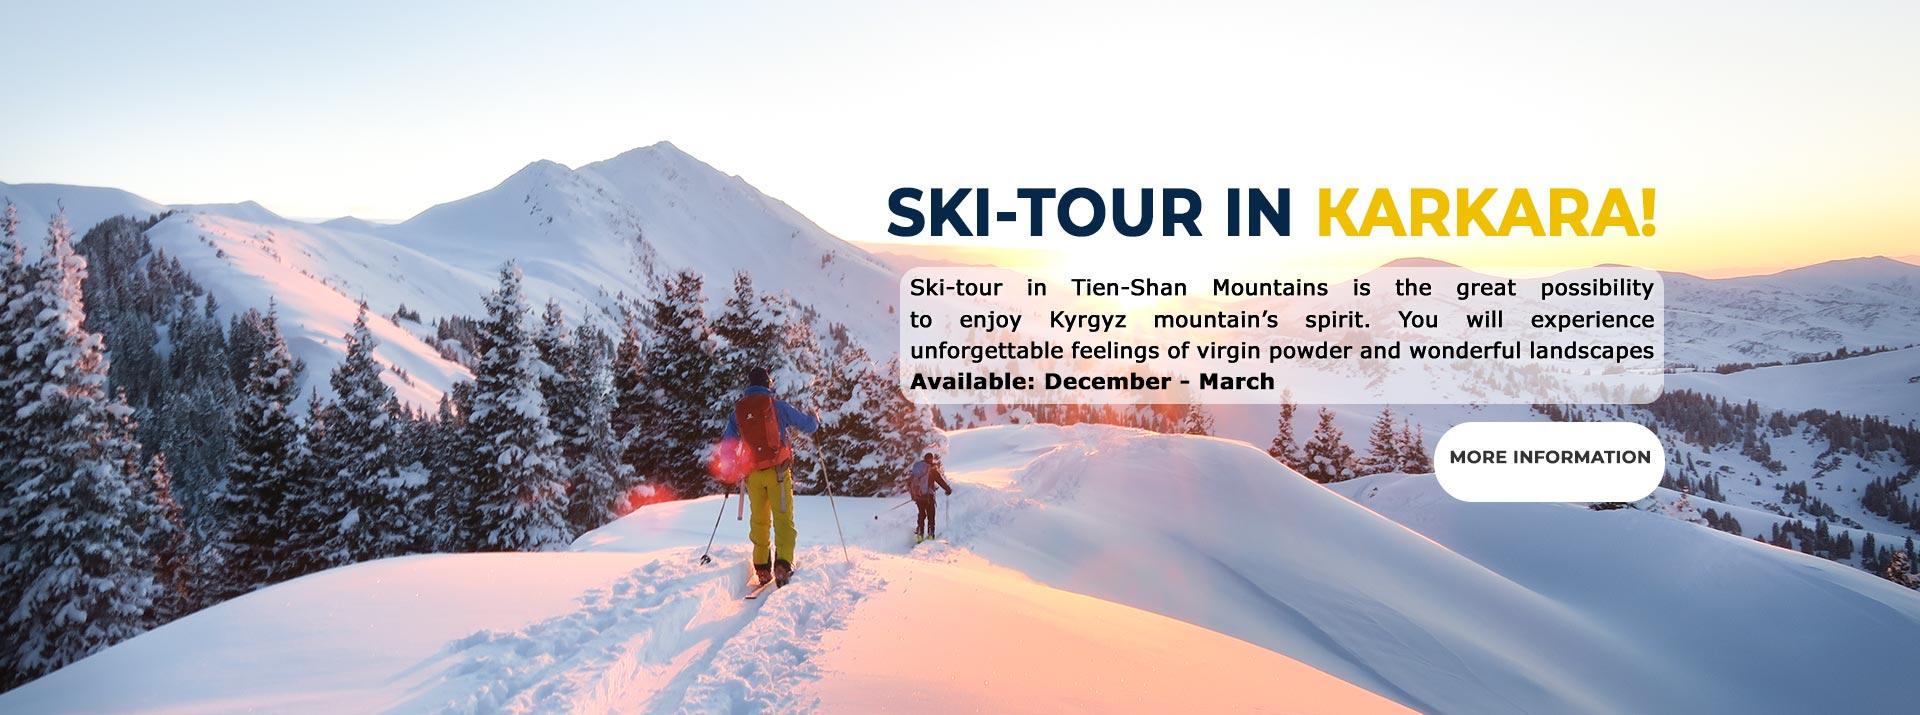 Ski-tour in Kyrgyzstan